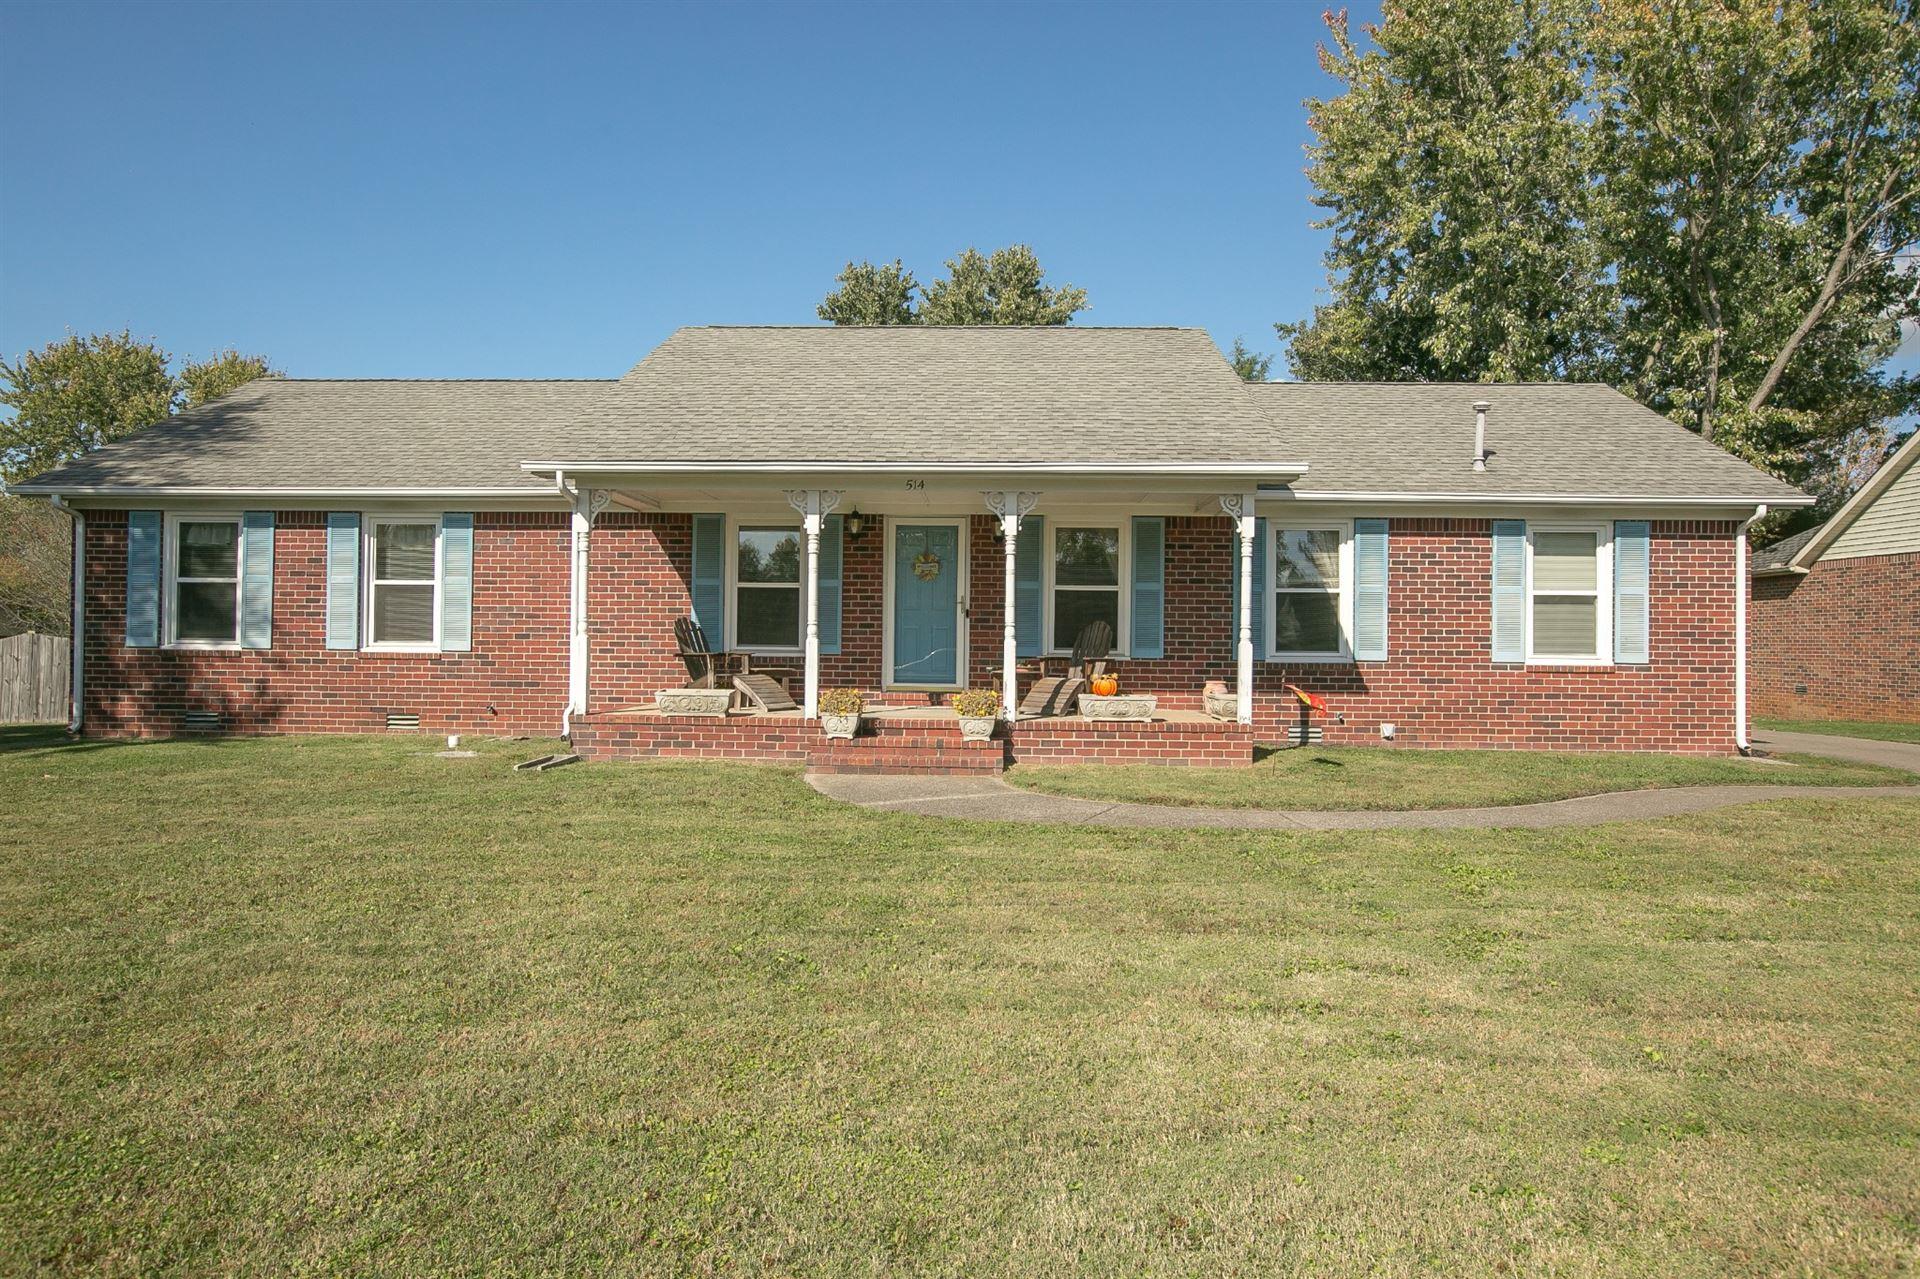 514 Upland Ct, Murfreesboro, TN 37129 - MLS#: 2200669